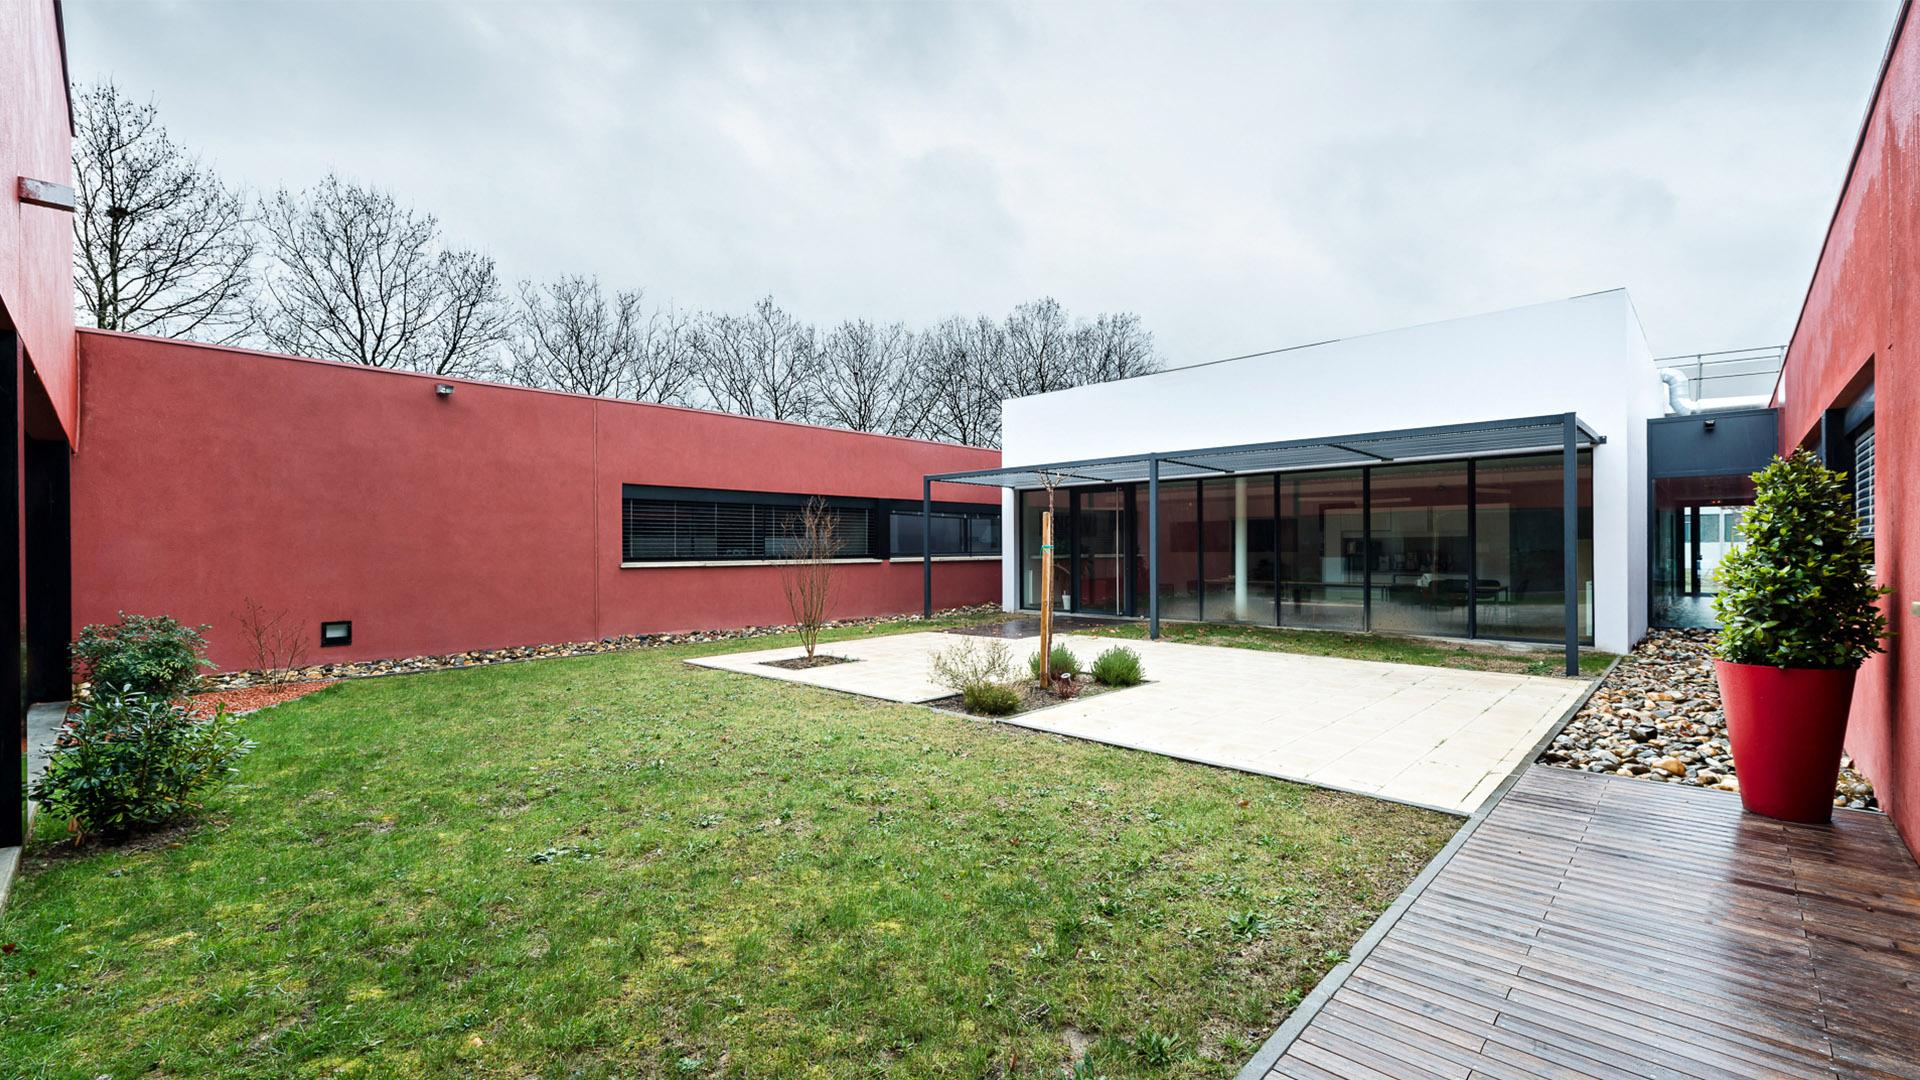 01-Seuil-Architecture-CNRGV-crédit-Ph.-Stéphane-Brugidou